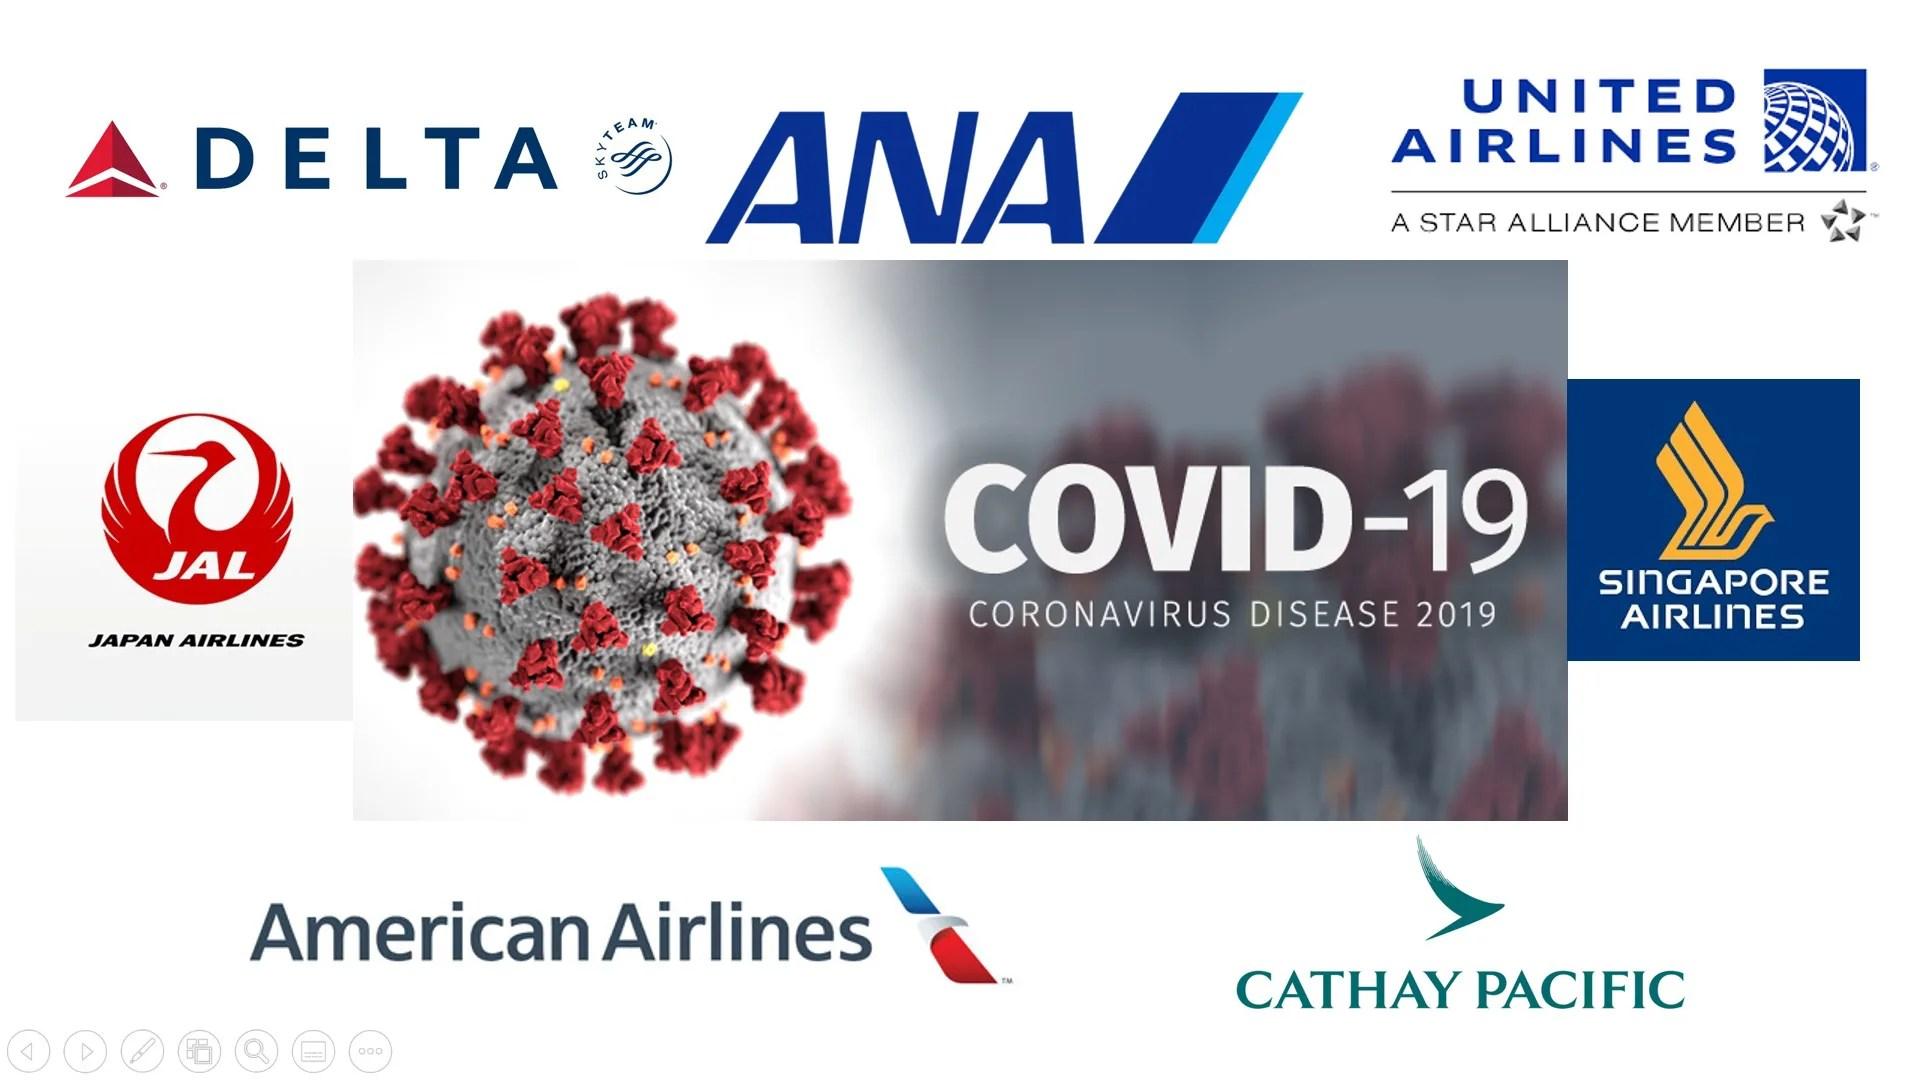 新型コロナウイルス感染拡大による航空会社の上級会員資格に対する対応まとめ